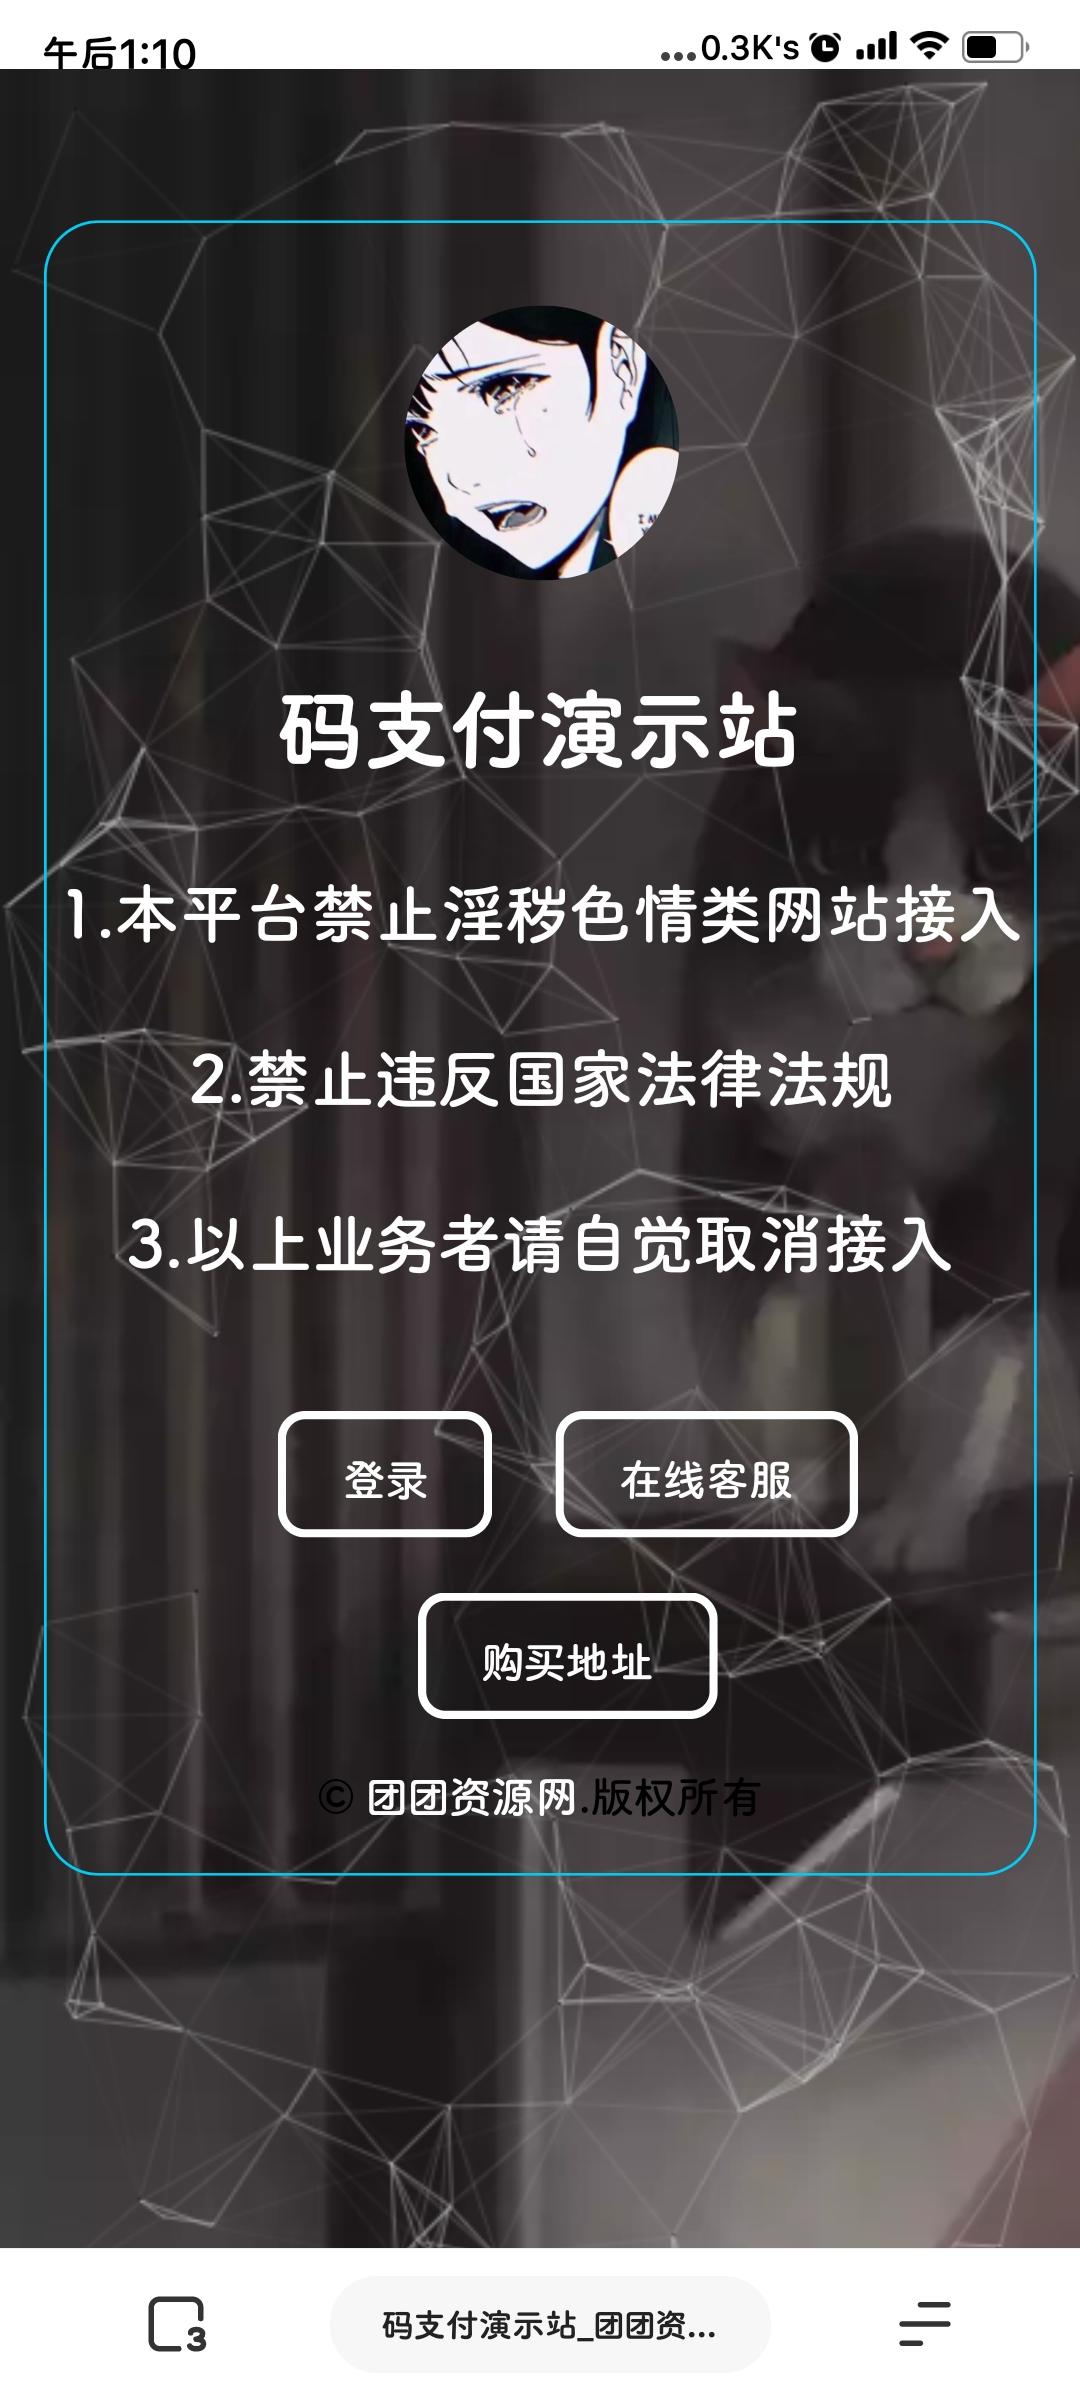 个人免签码支付源码+监控APP+视频教程【站长亲测】-第1张图片